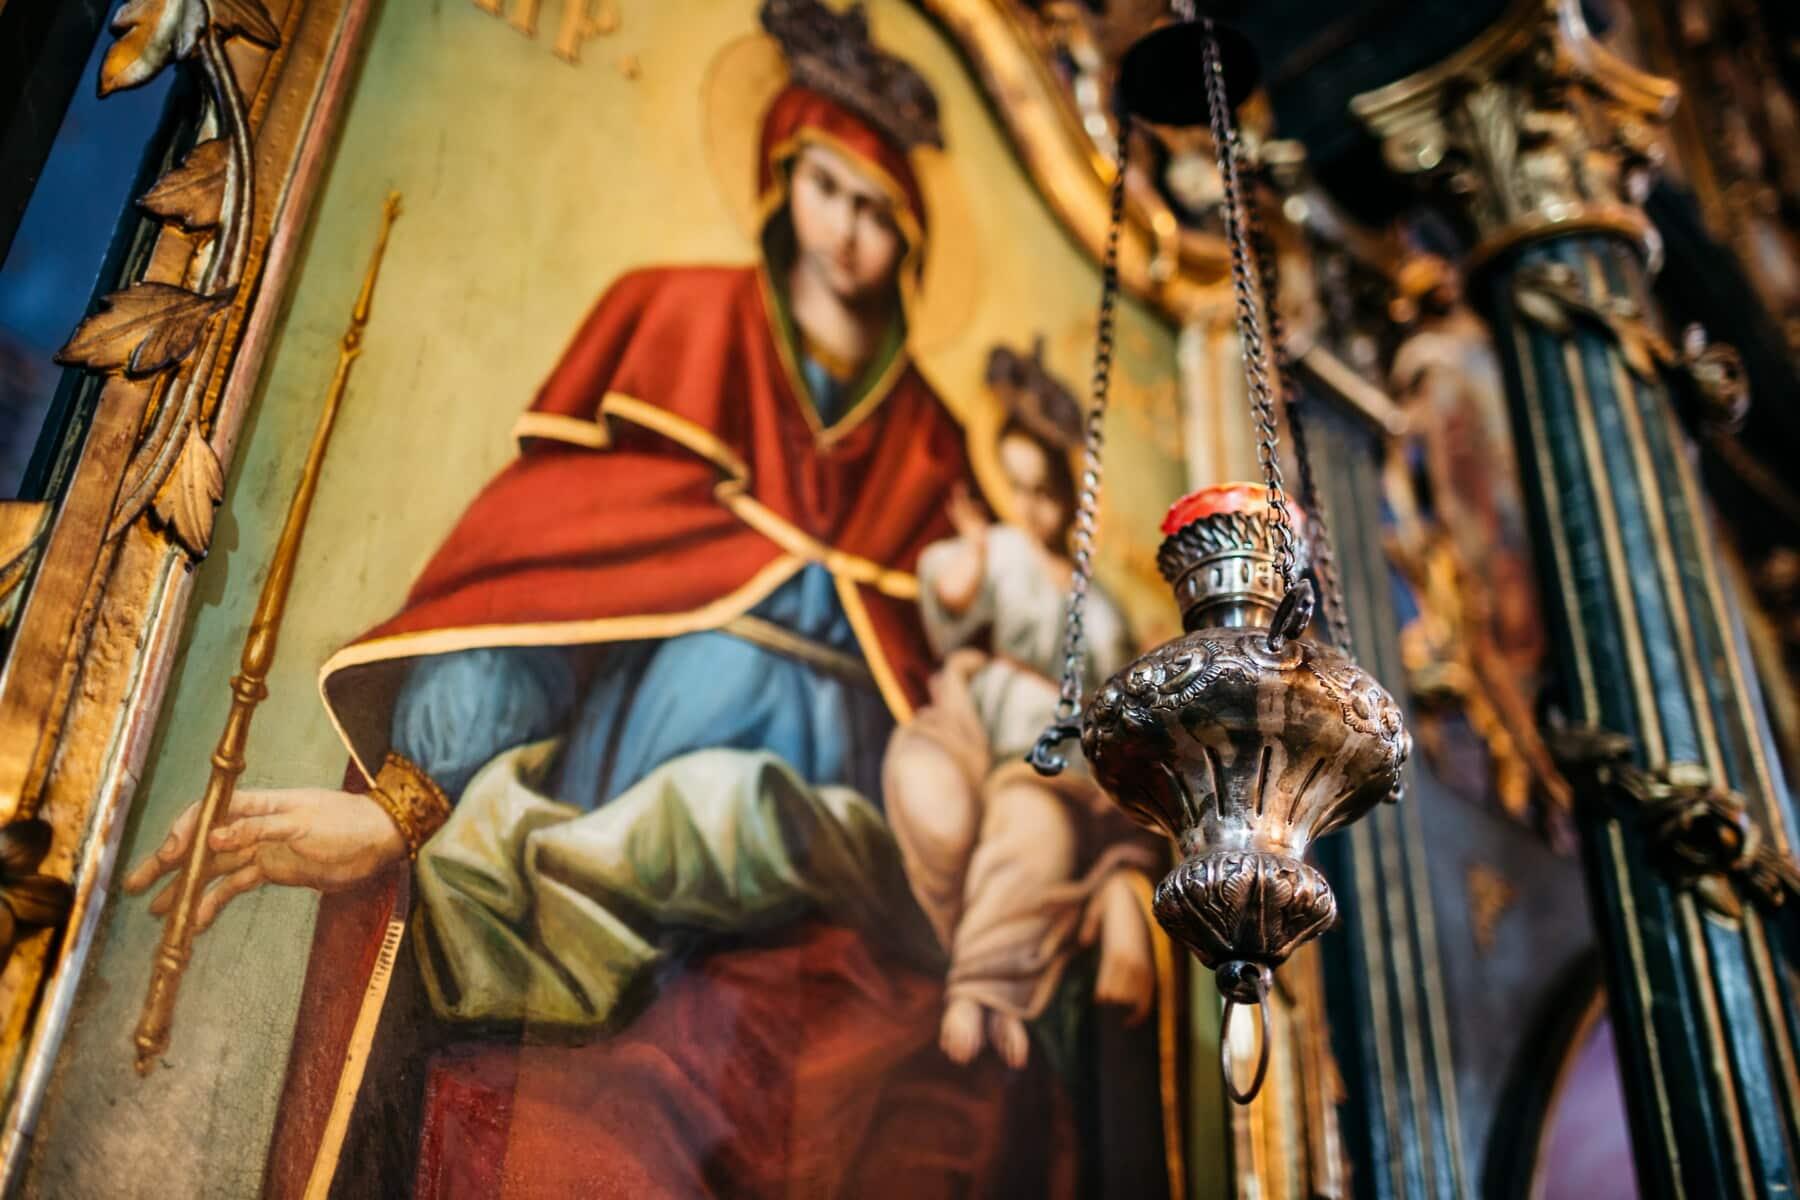 Symbol, Göttin, Christentum, Kirche, Religion, Christian, Relikt, Kunst, geistigkeit, Tempel